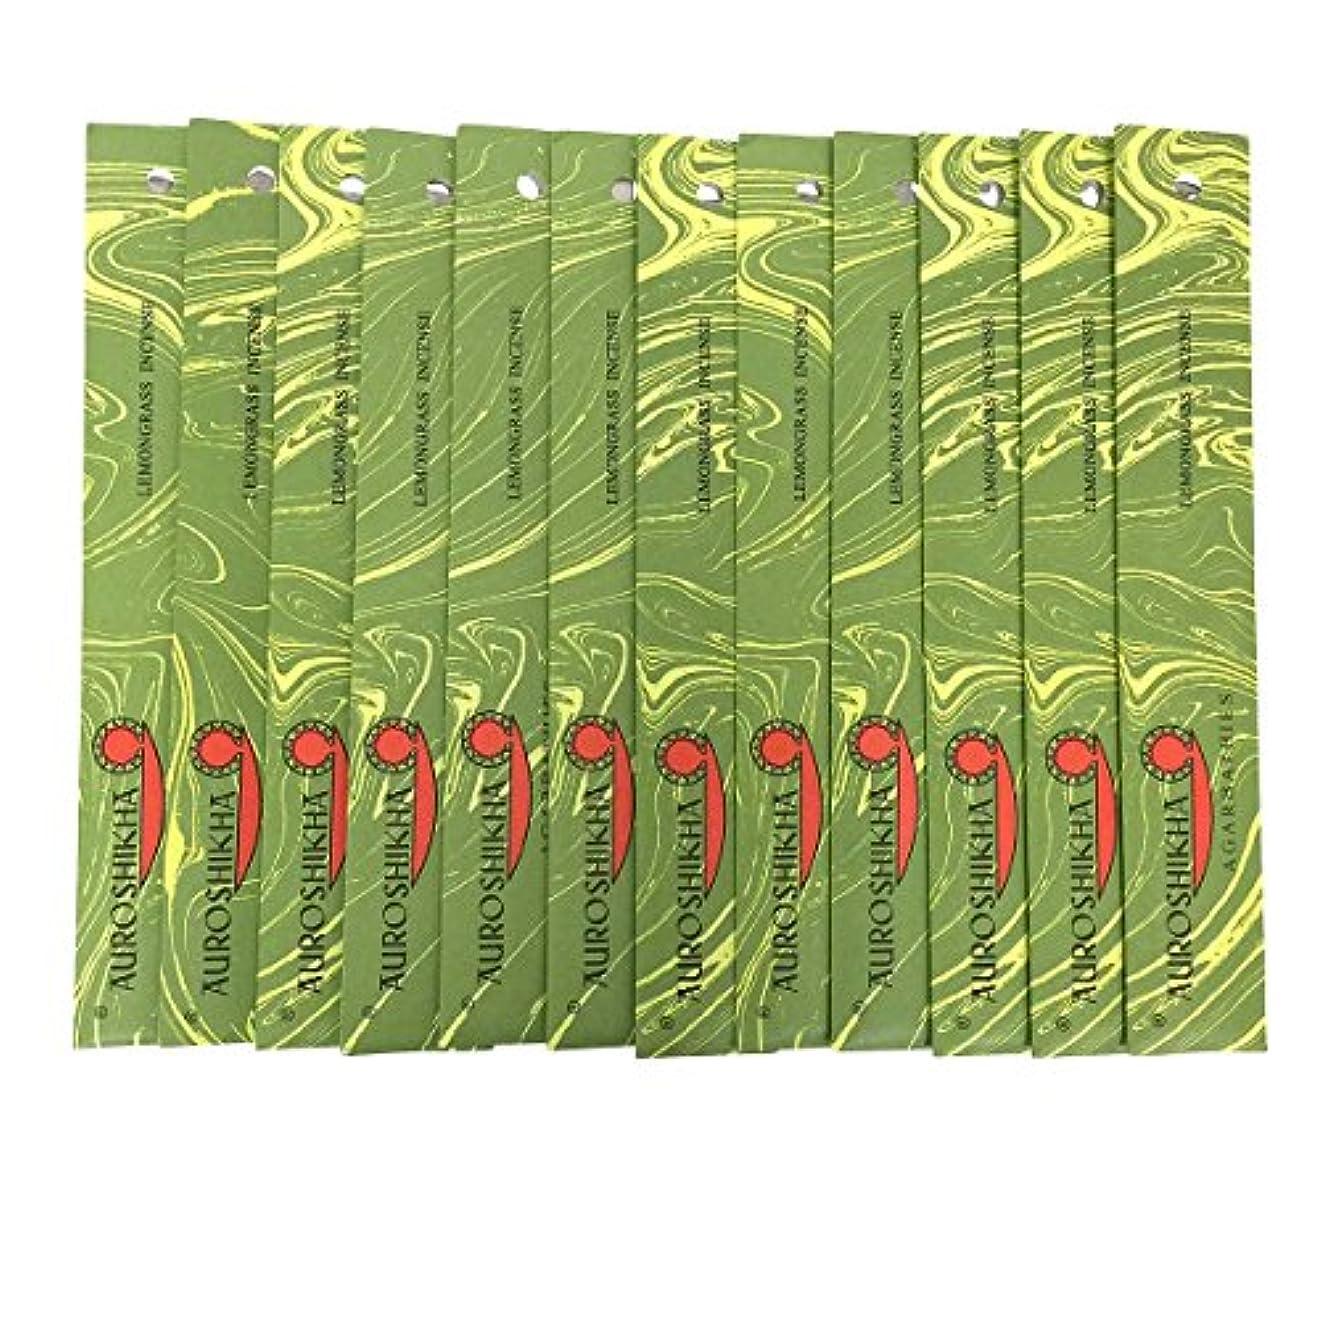 できれば反対する良いAUROSHIKHA オウロシカ(LEMONGRASSレモングラス12個セット) マーブルパッケージスティック 送料無料